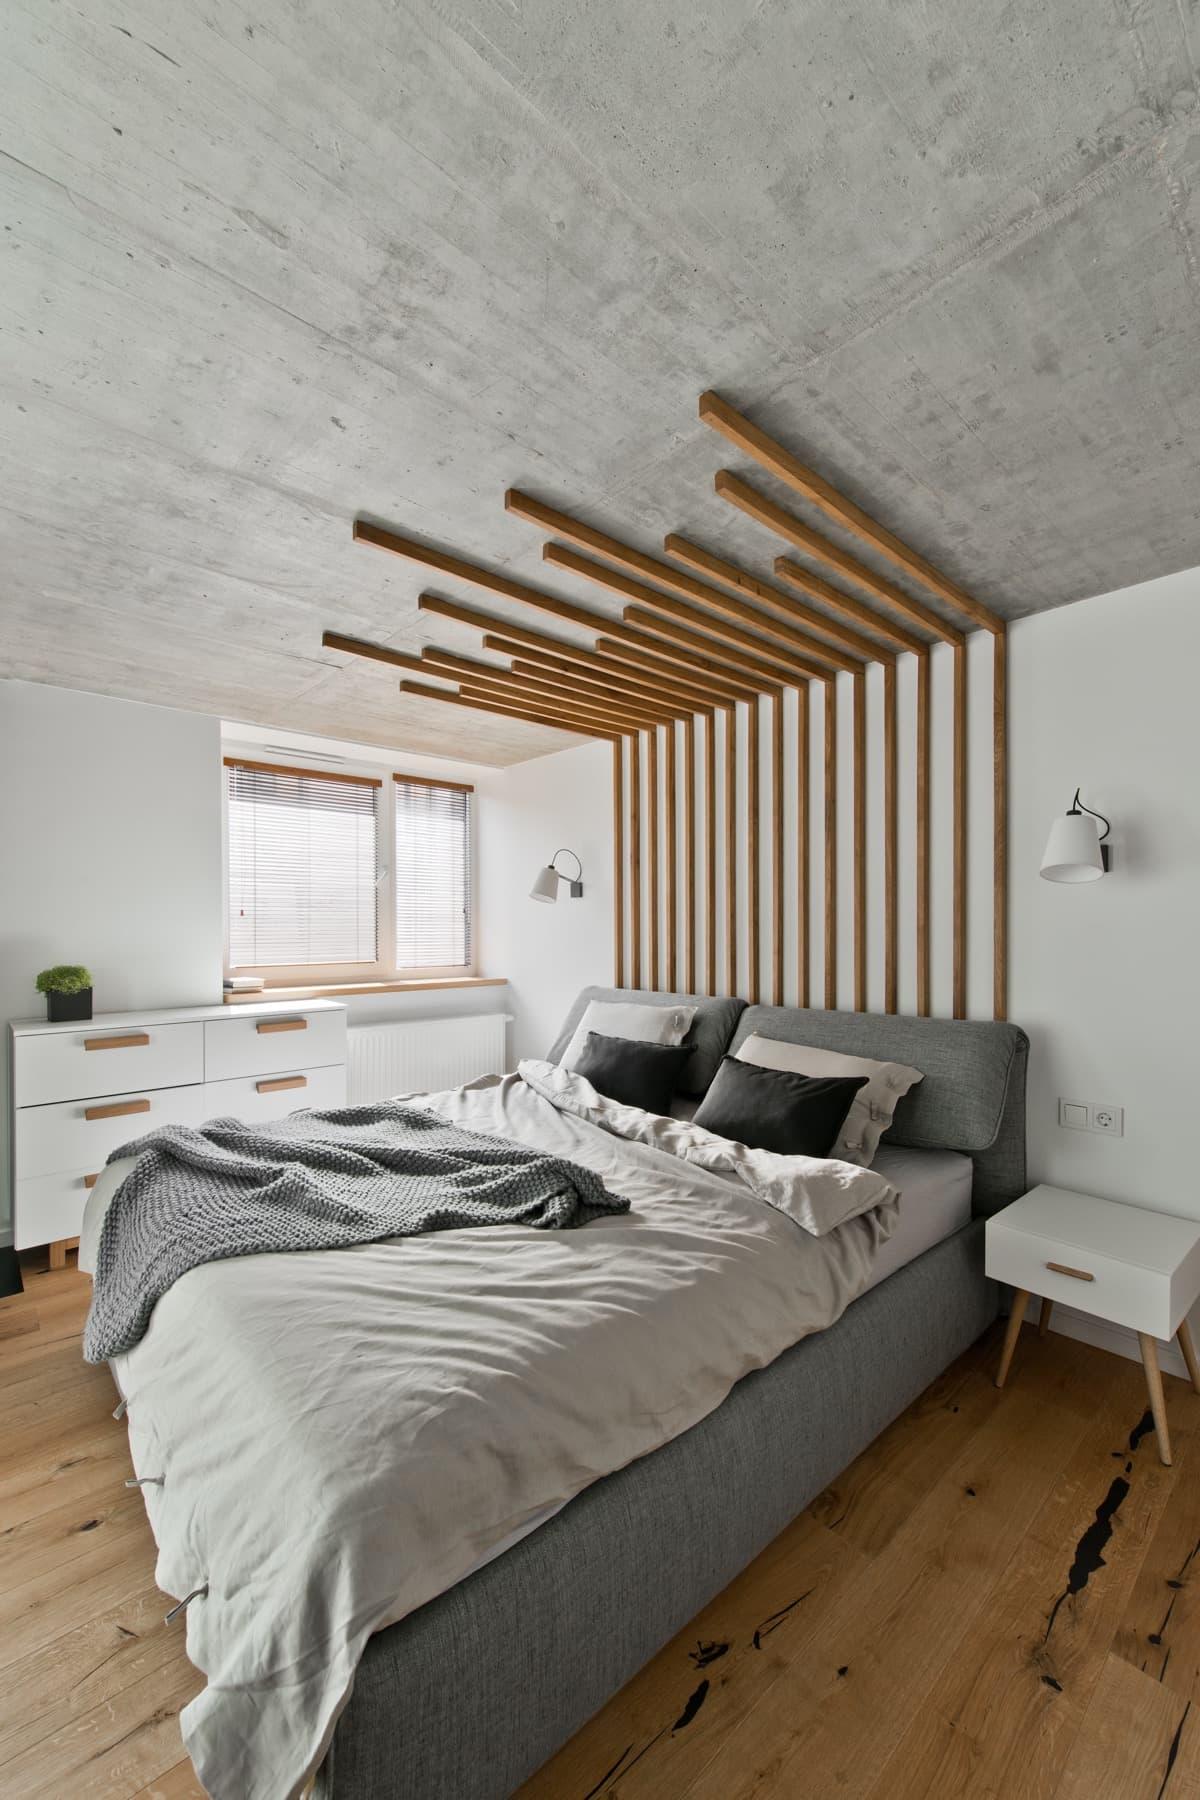 Смелое, но оправданное решение оформления деревянными брусками изголовья кровати